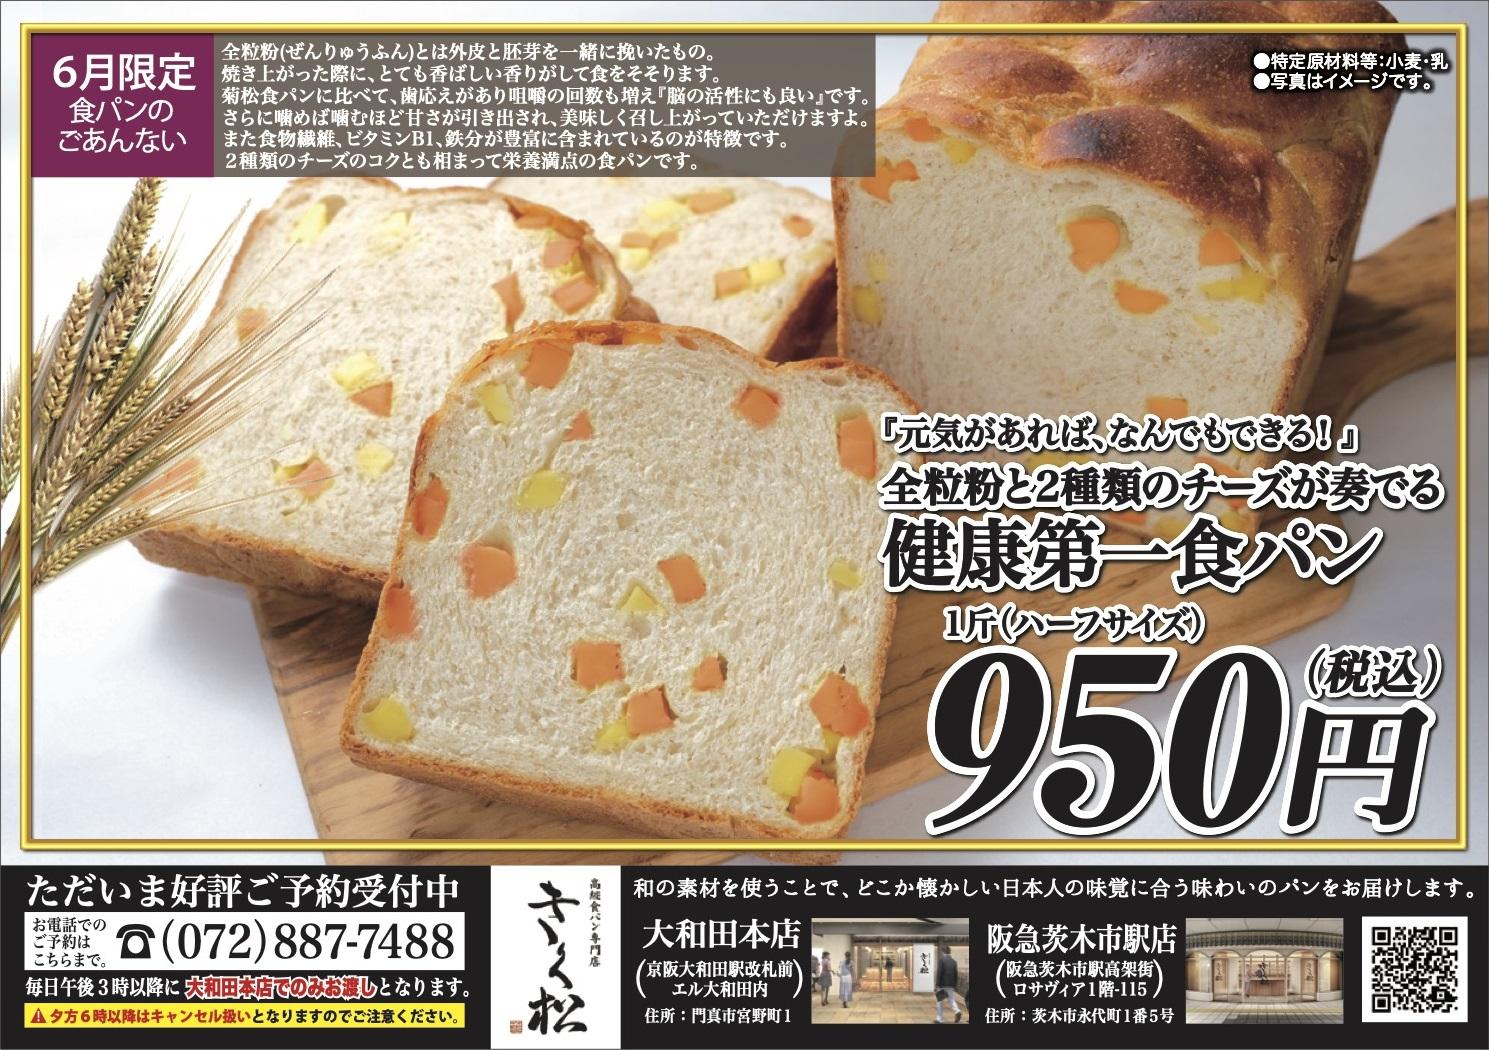 6月の限定食パンは【『元気があれば、なんでもできる!』全粒粉と2種類のチーズが奏でる 健康第一食パン】